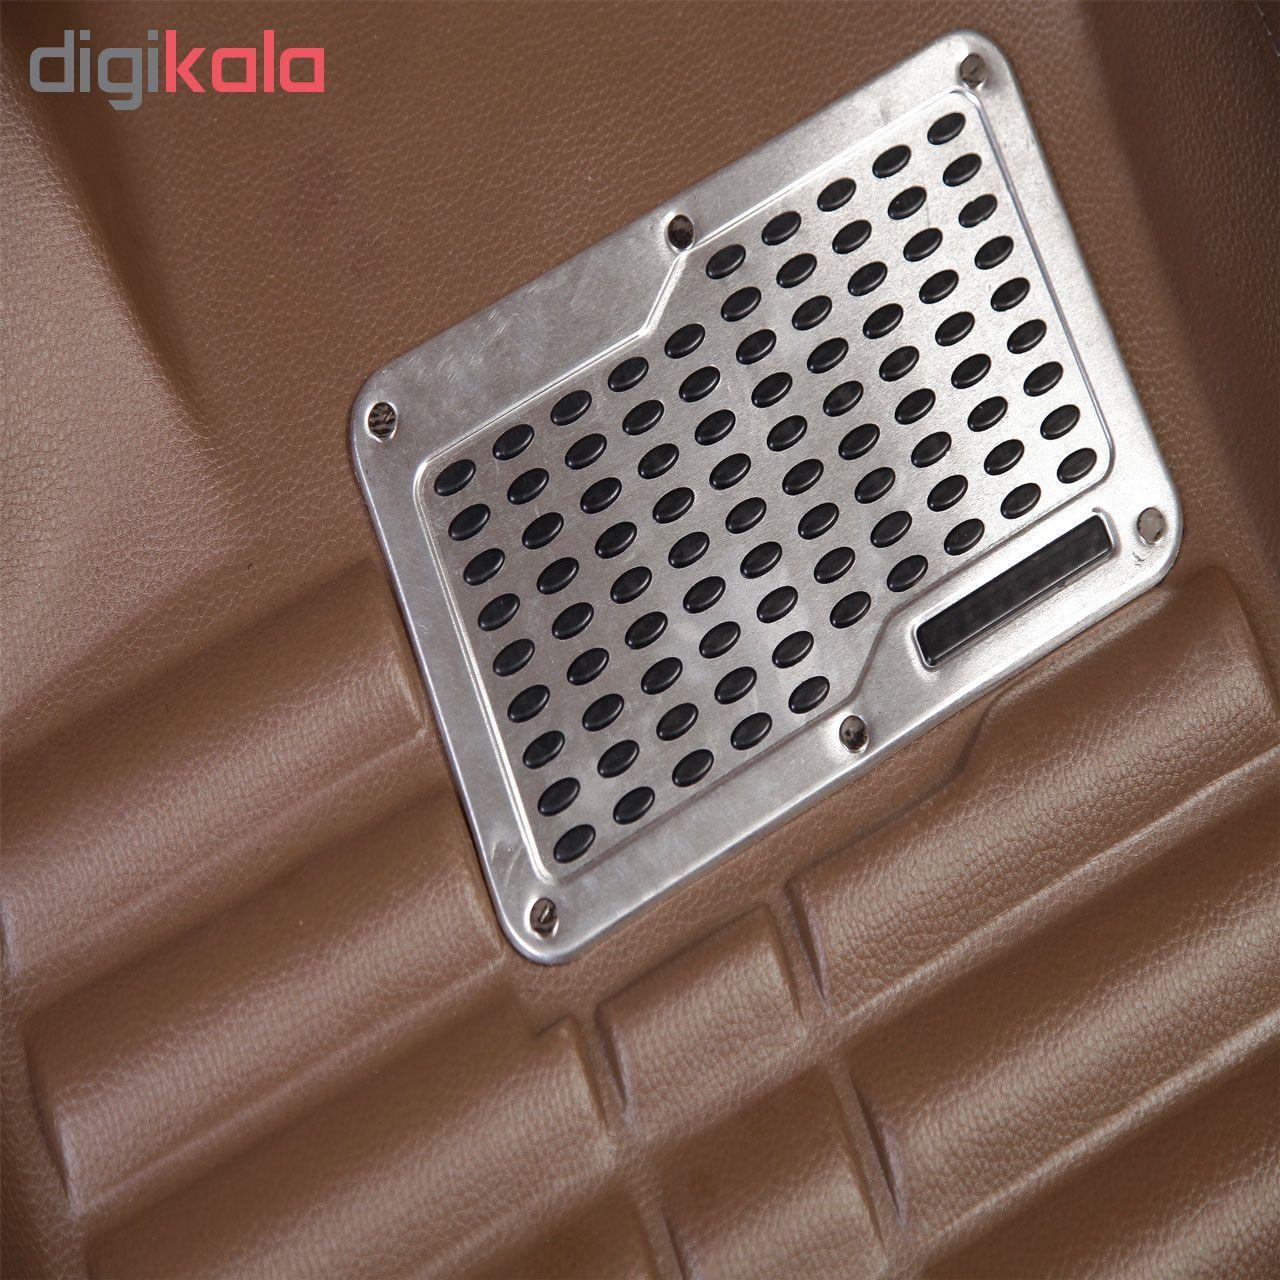 کفپوش سه بعدی خودرو مدل پالیز مناسب برای دنا-سمند-پژو 405-پارس main 1 8